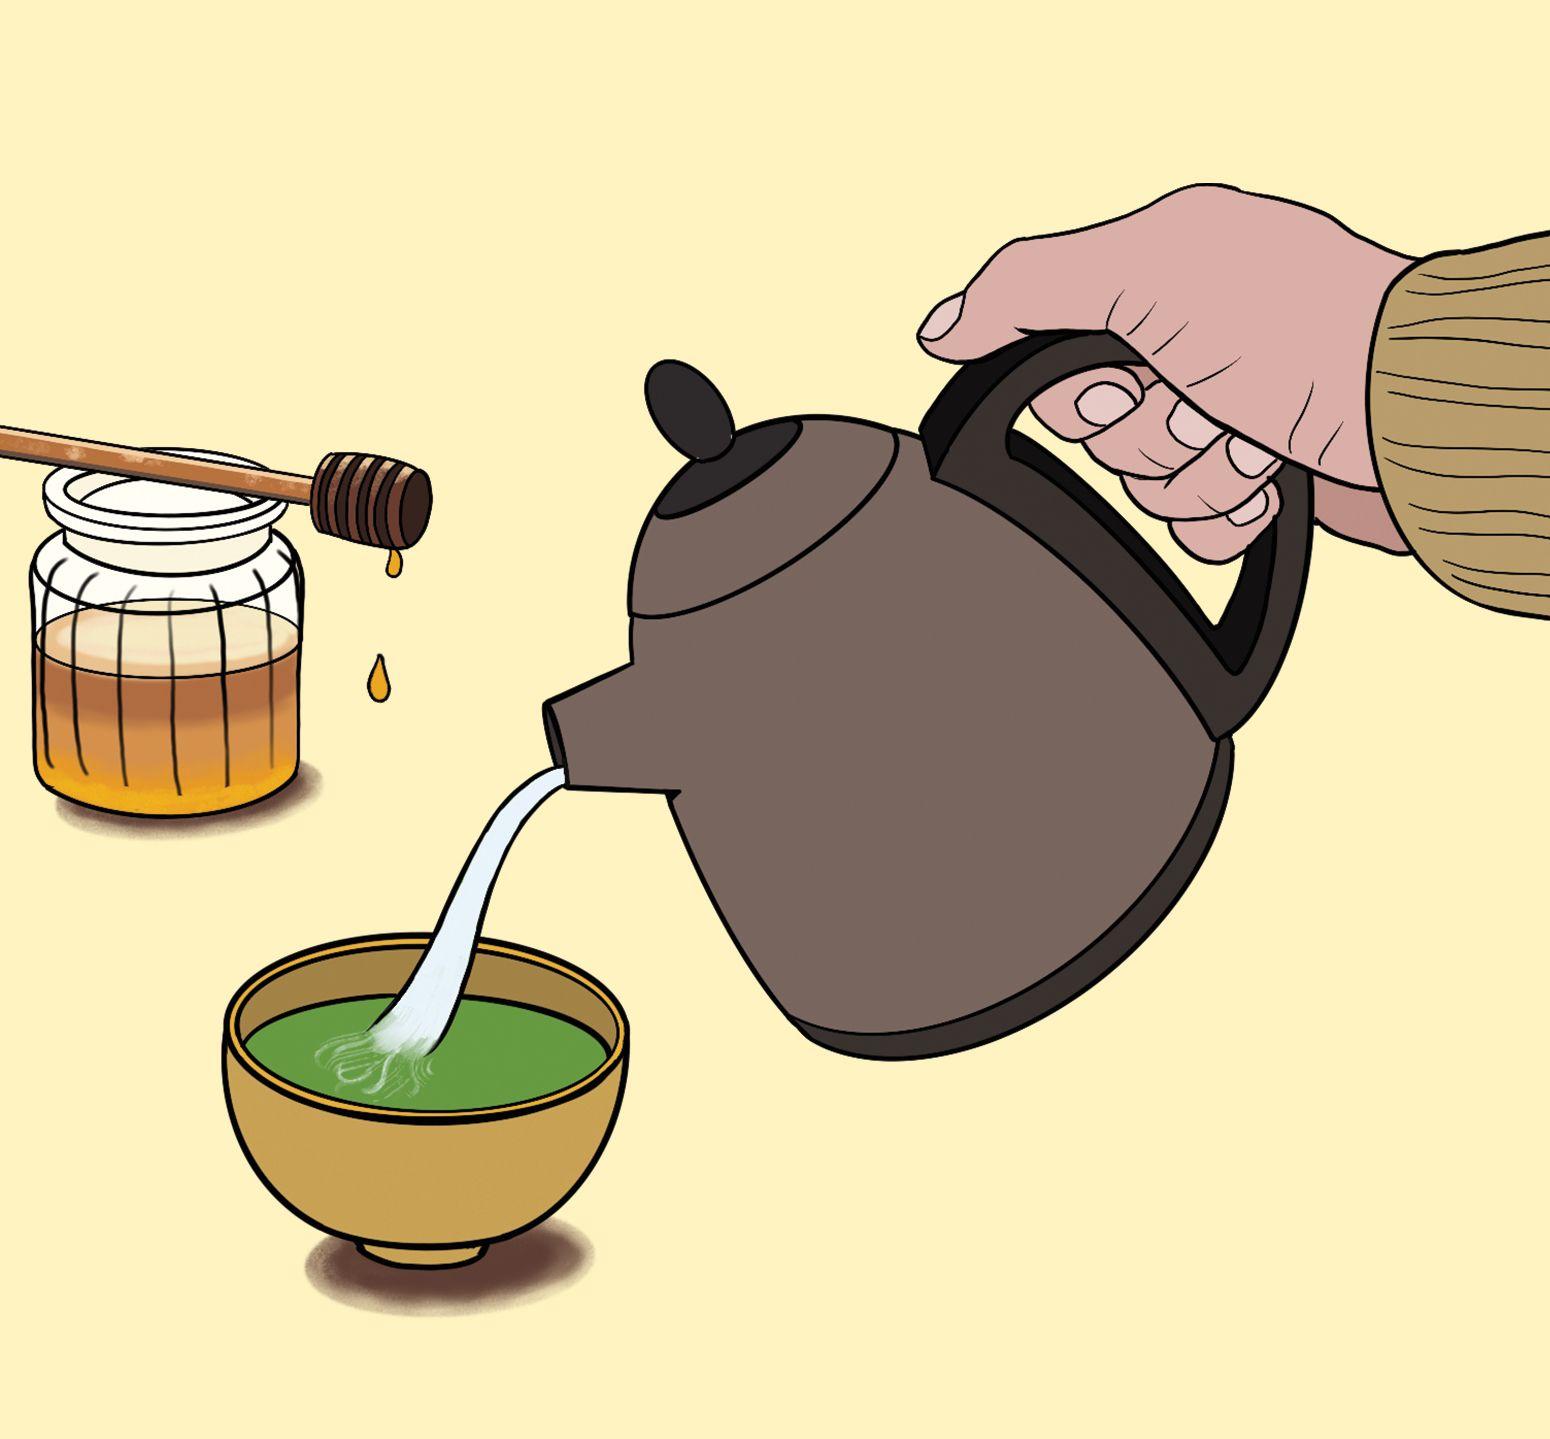 How To Make Japanese Matcha Green Tea Home Video Tutorials In 2020 Matcha Japanese Matcha Matcha Green Tea